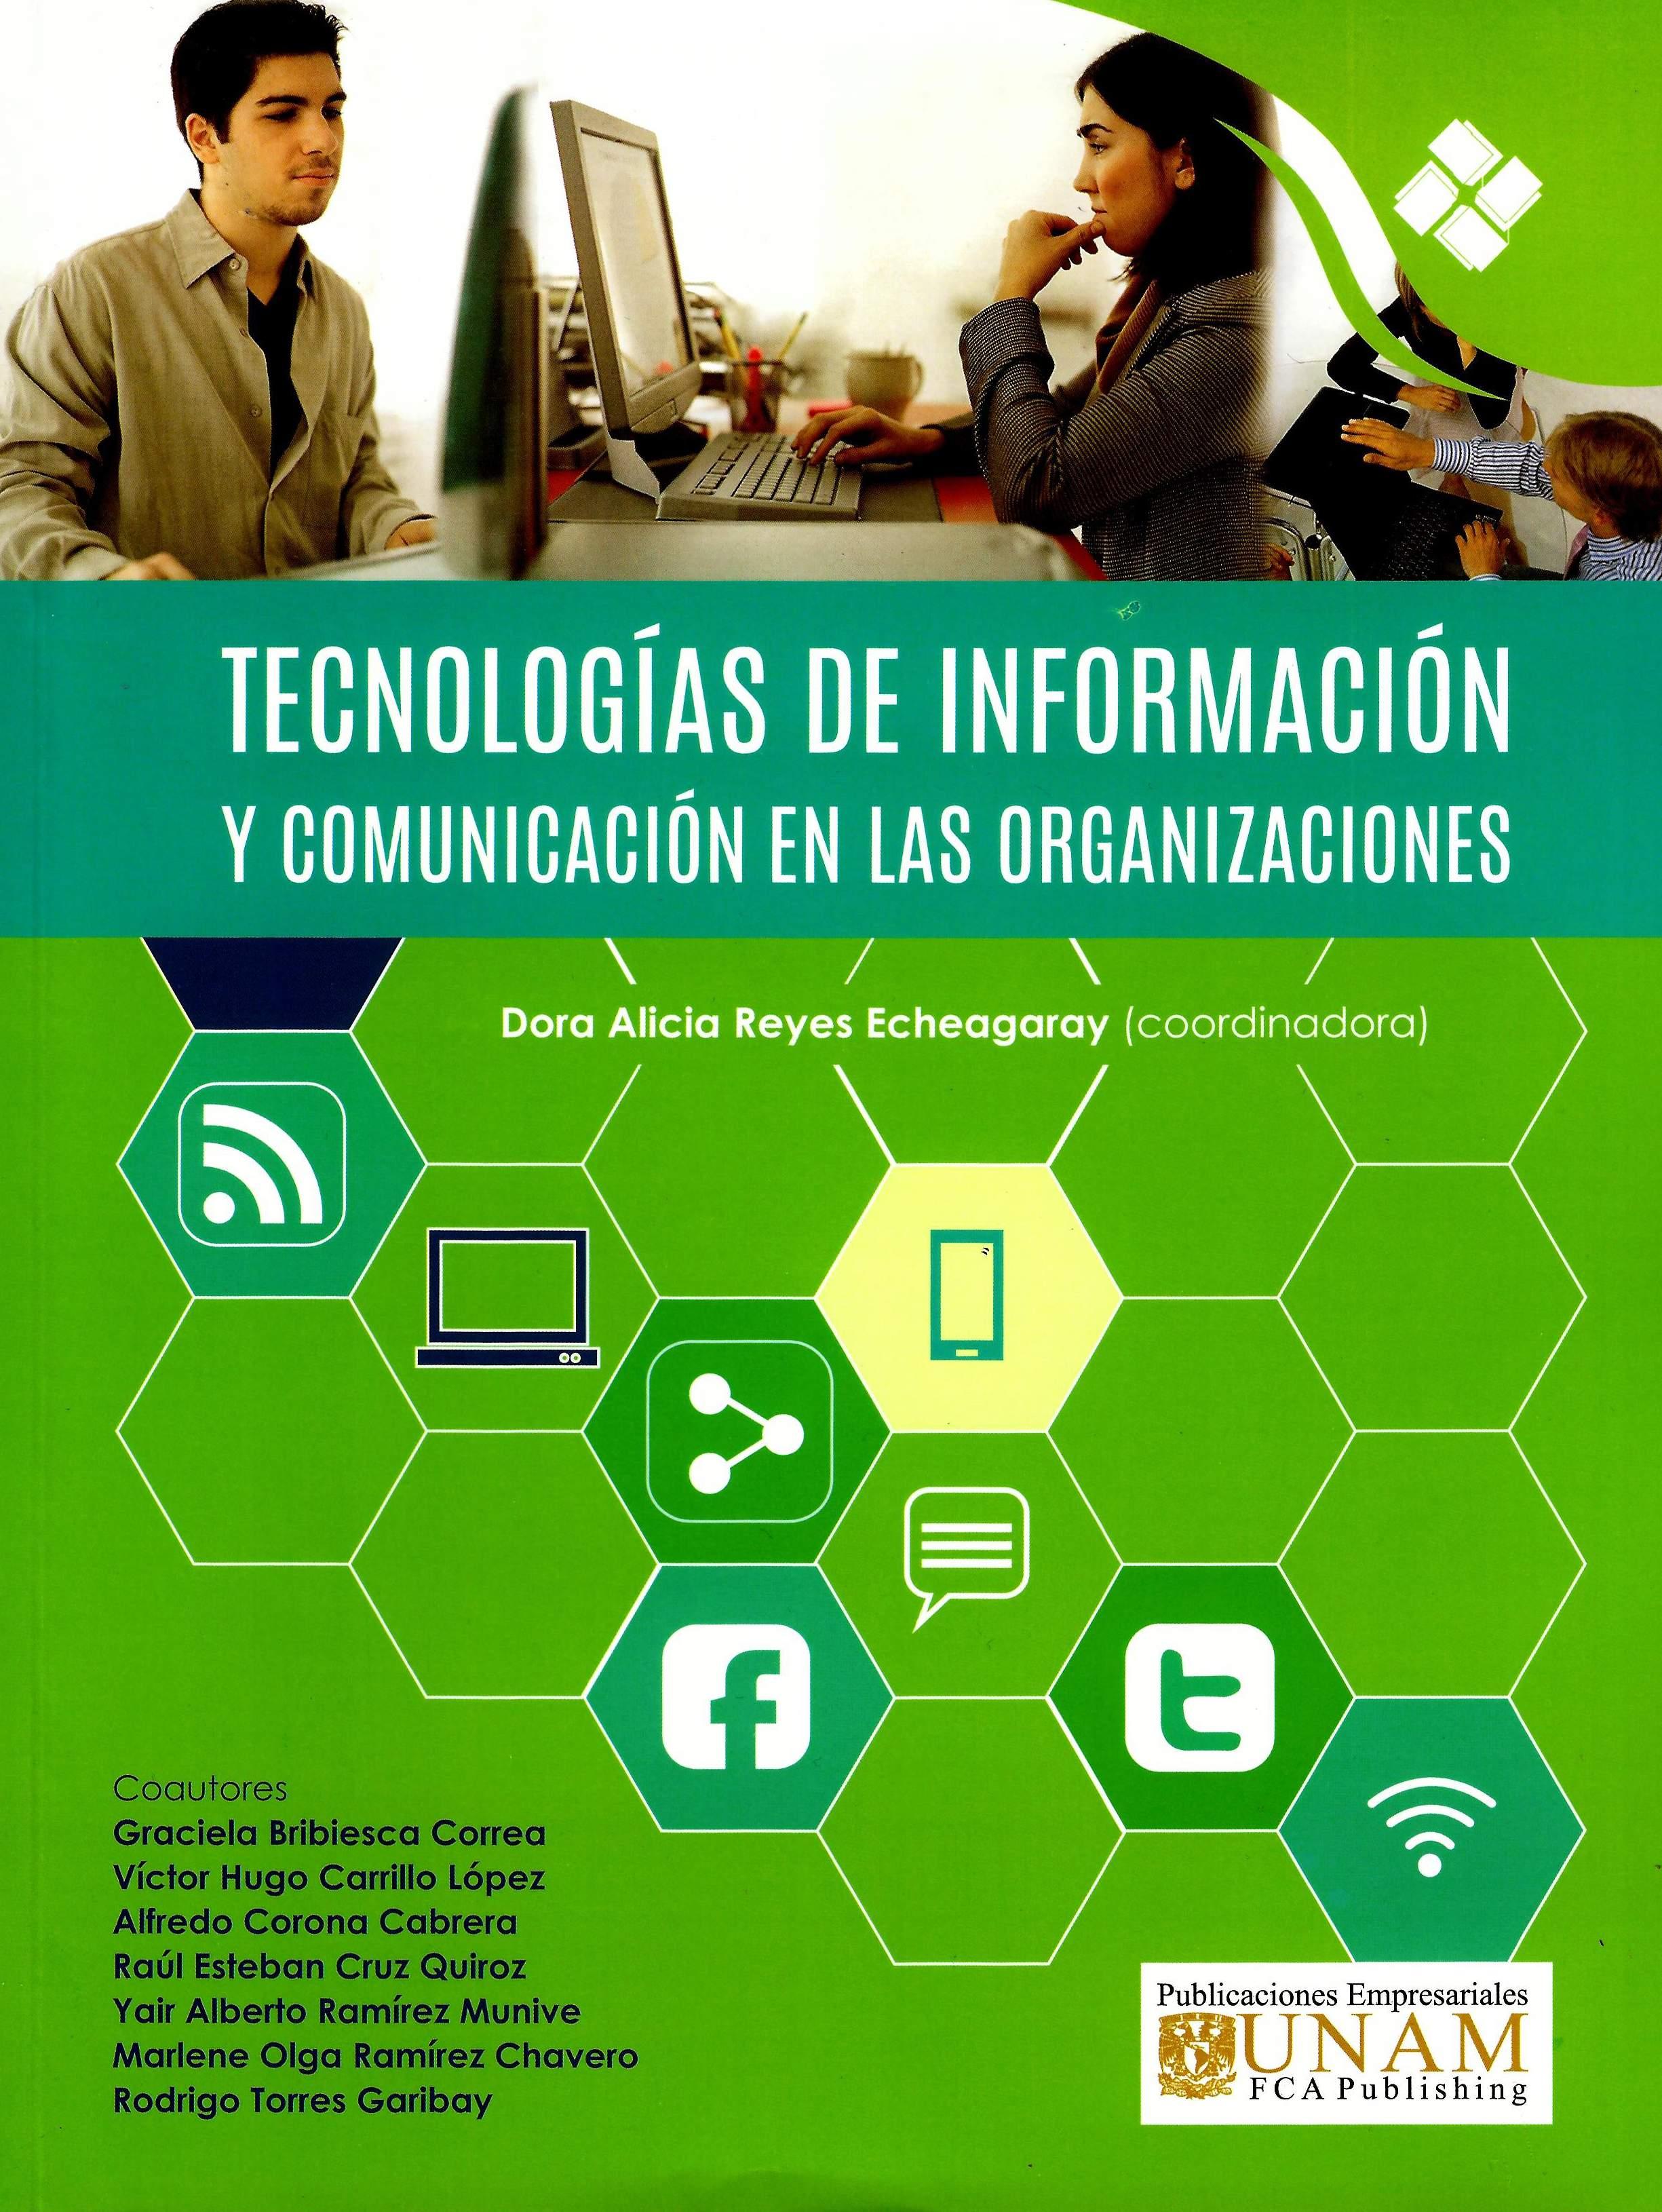 Tecnologías de información y comunicación en las organizaciones